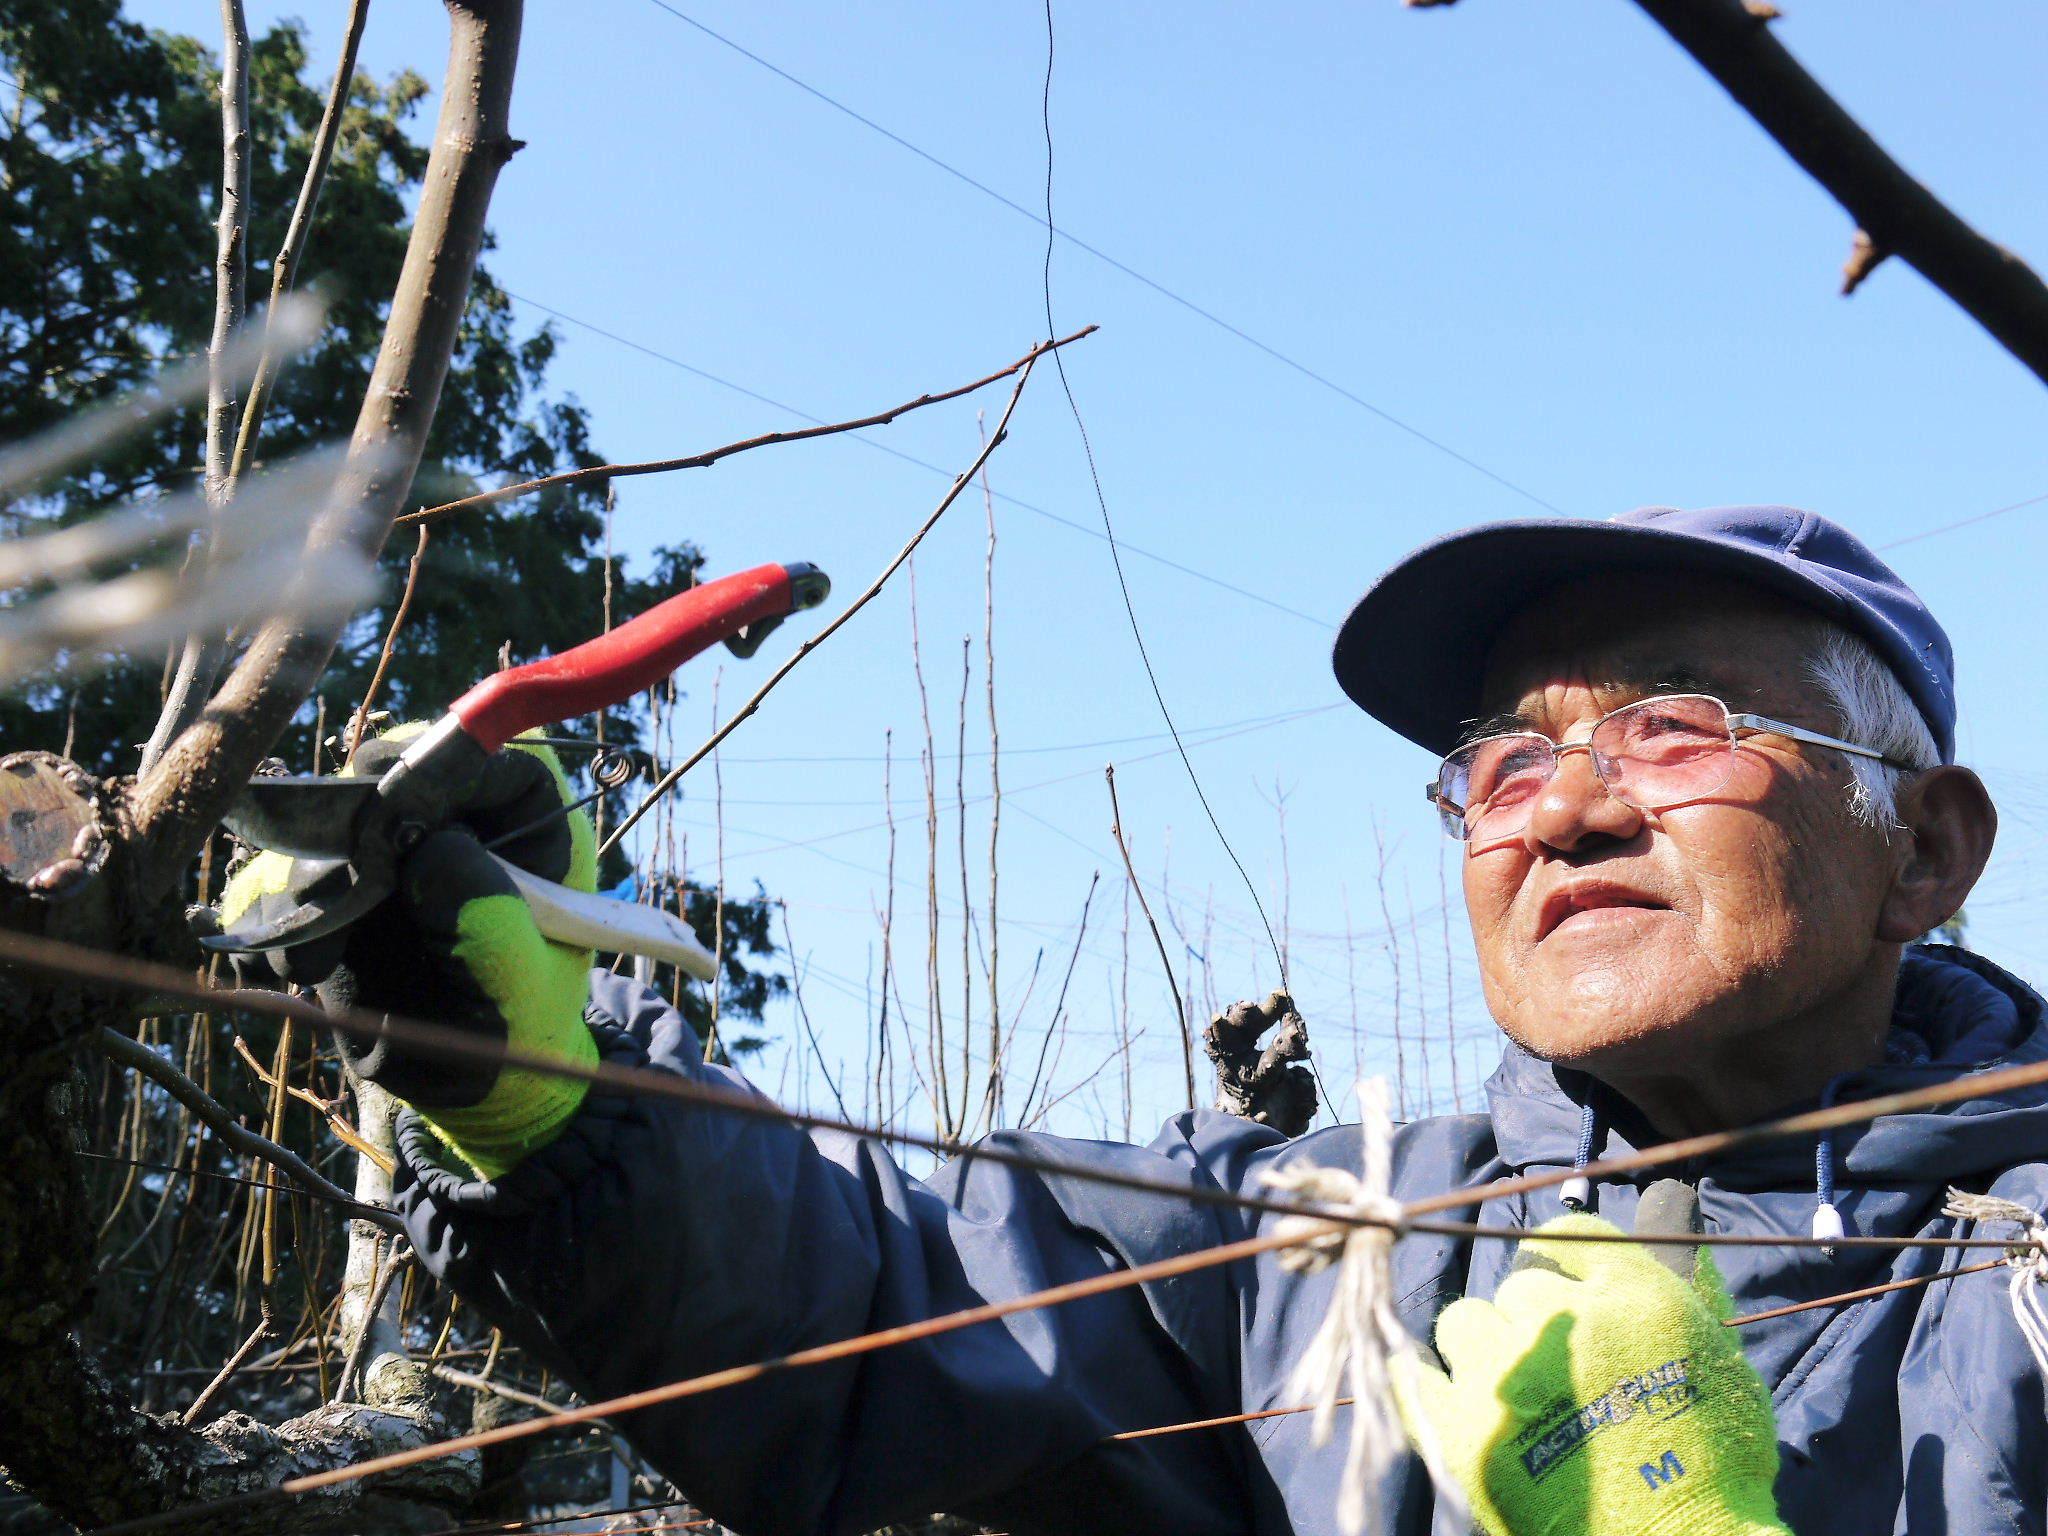 熊本梨「幸水」先行予約受付中!岩永農園さんは今年も無袋栽培&樹上完熟にこだわり出荷します!(後編)_a0254656_17151499.jpg